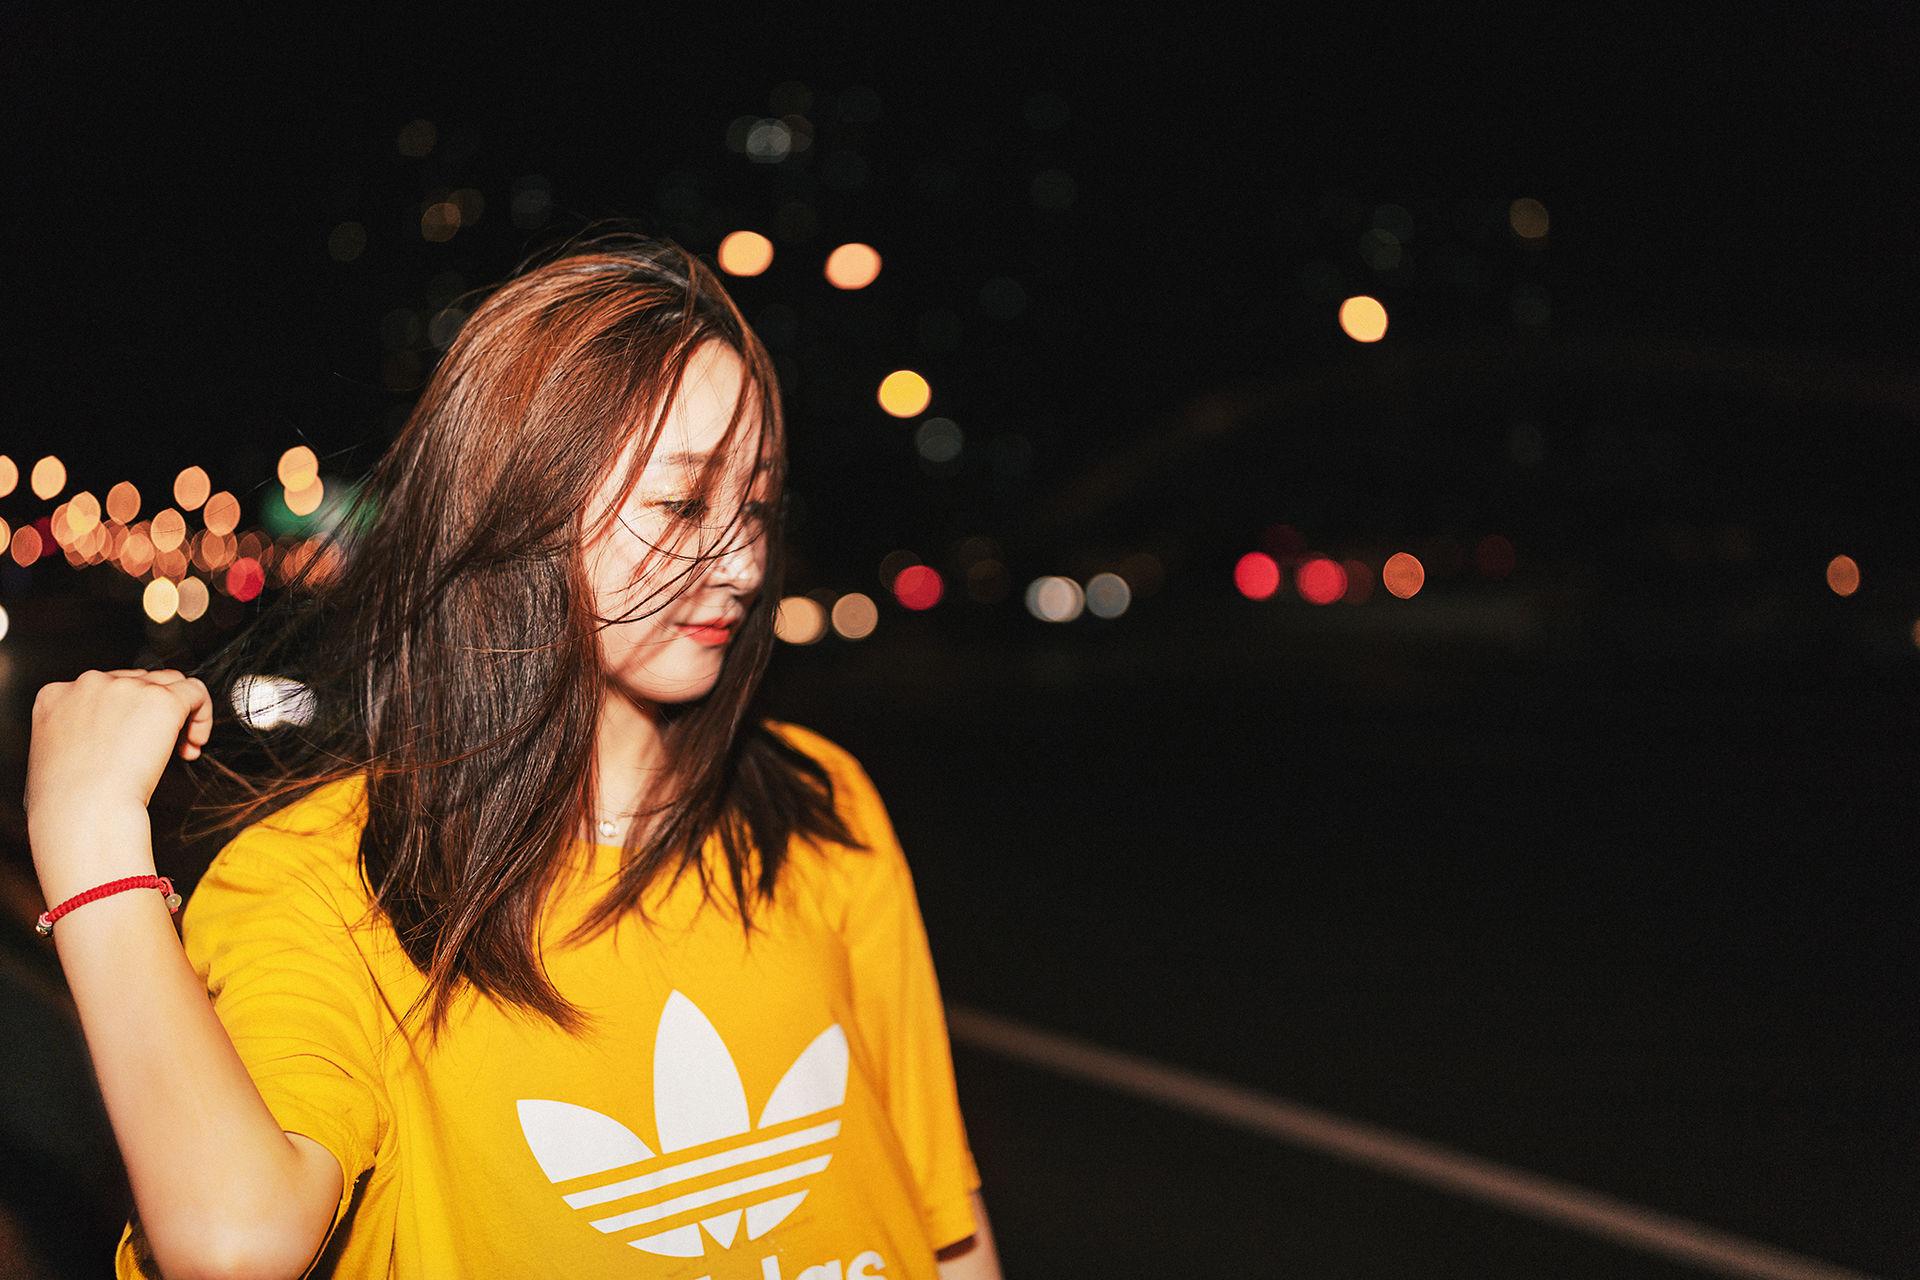 2018-08-14 汉中路高架夜景_摄影师郭小皓的返片